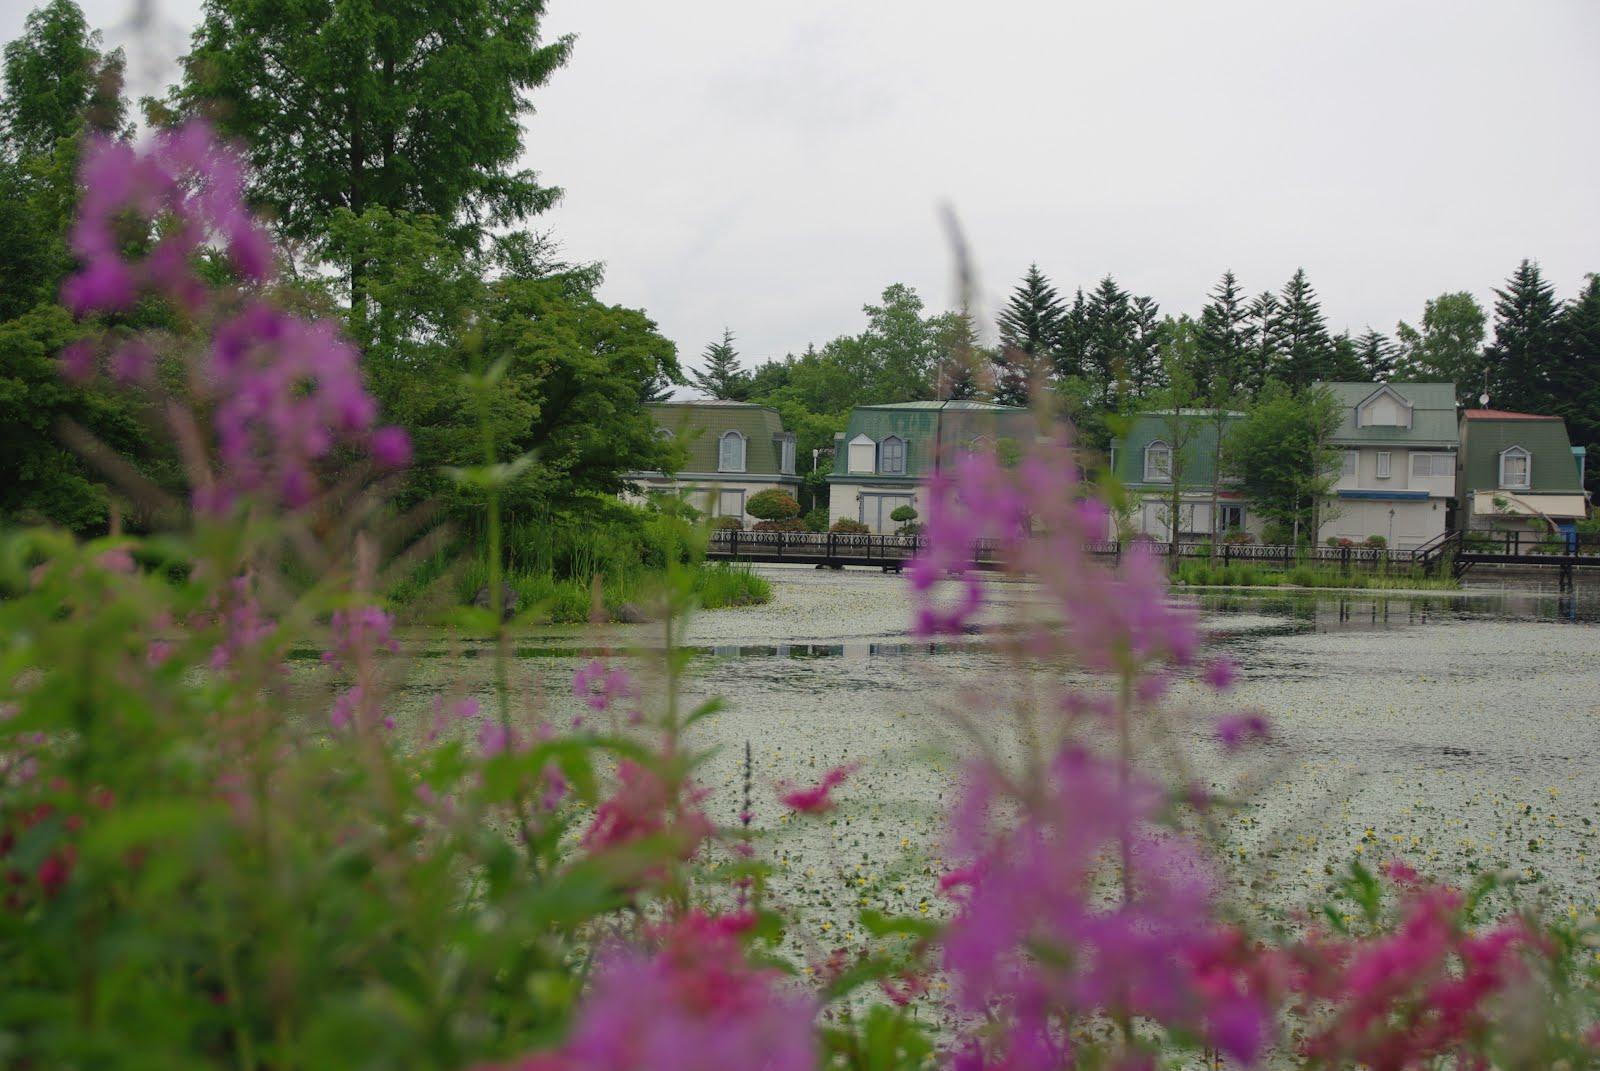 ブロガー自薦の観光ガーデン1・訪問時期により印象が変わることをご了承ください